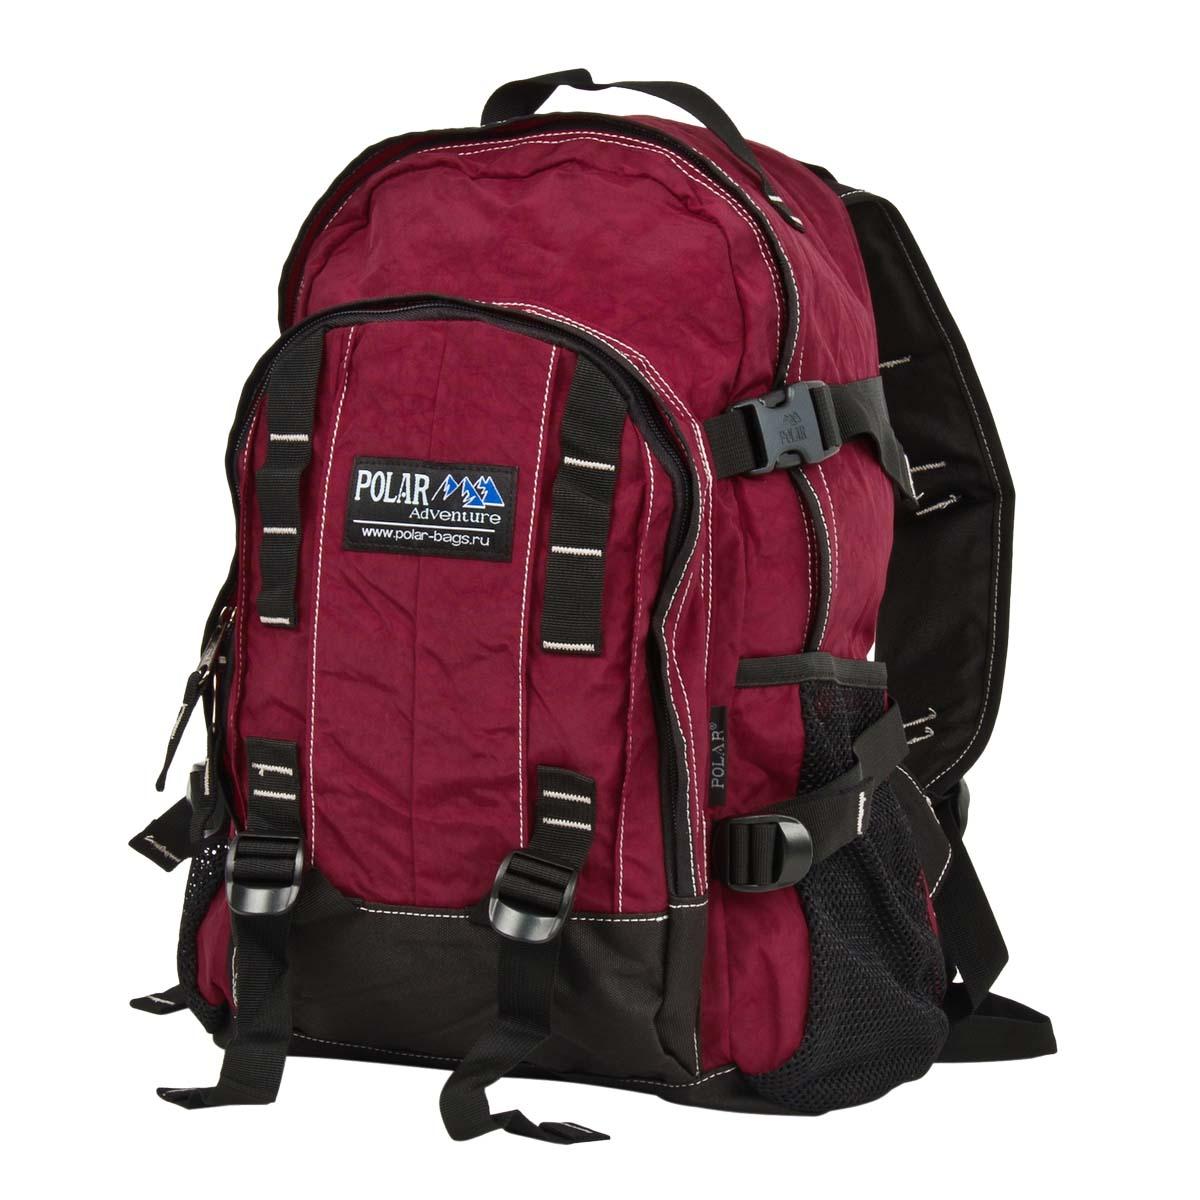 Рюкзак городской Polar, 29 л, цвет: бордовый. П876-14П876-14Городской рюкзак с модным дизайном. Полностью вентилируемая и удобная мягкая спинка, мягкие плечевые лямки создают дополнительный комфорт при ношении. Центральный отсек для персональных вещей и документов A4 на двухсторонних молниях для удобства. Маленький карман для mp3, CD плеера. Два боковых кармана под бутылки с водой на резинке. Система циркуляции воздуха Air. Материал Polyester.